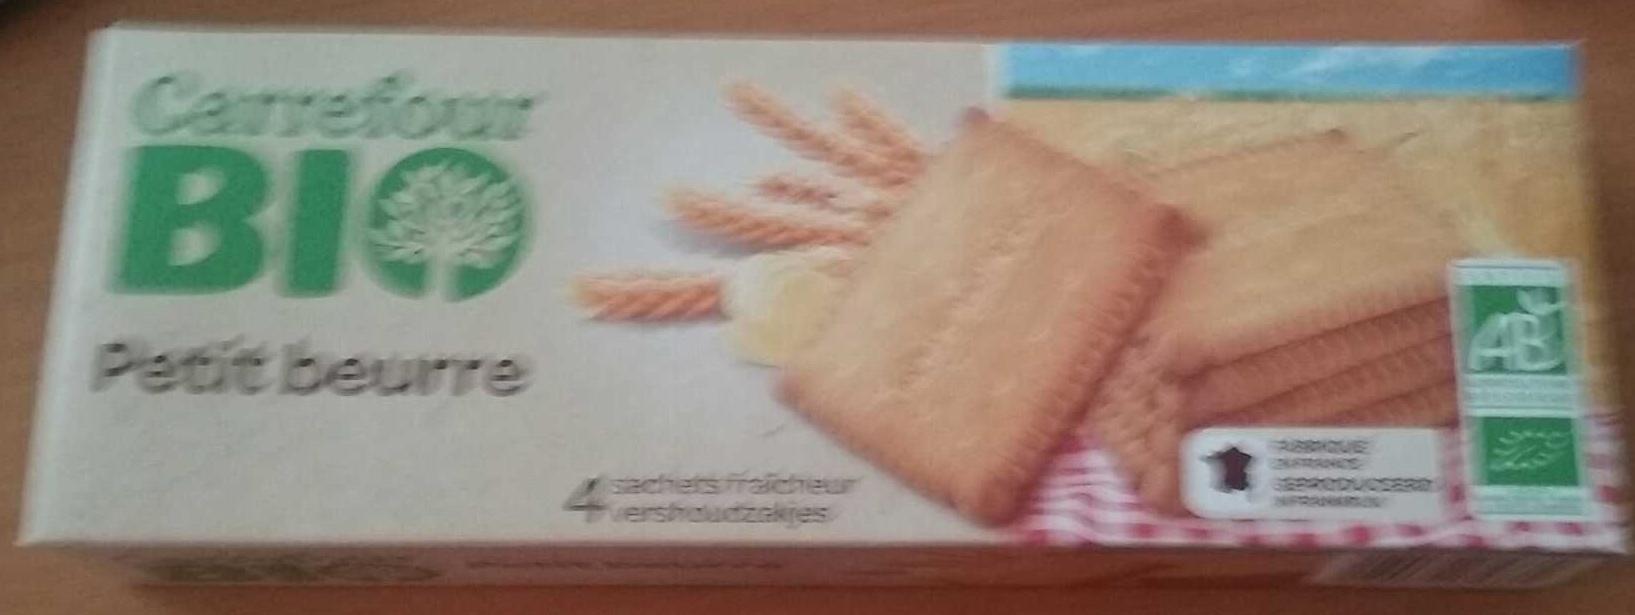 Petit beurre - Prodotto - fr